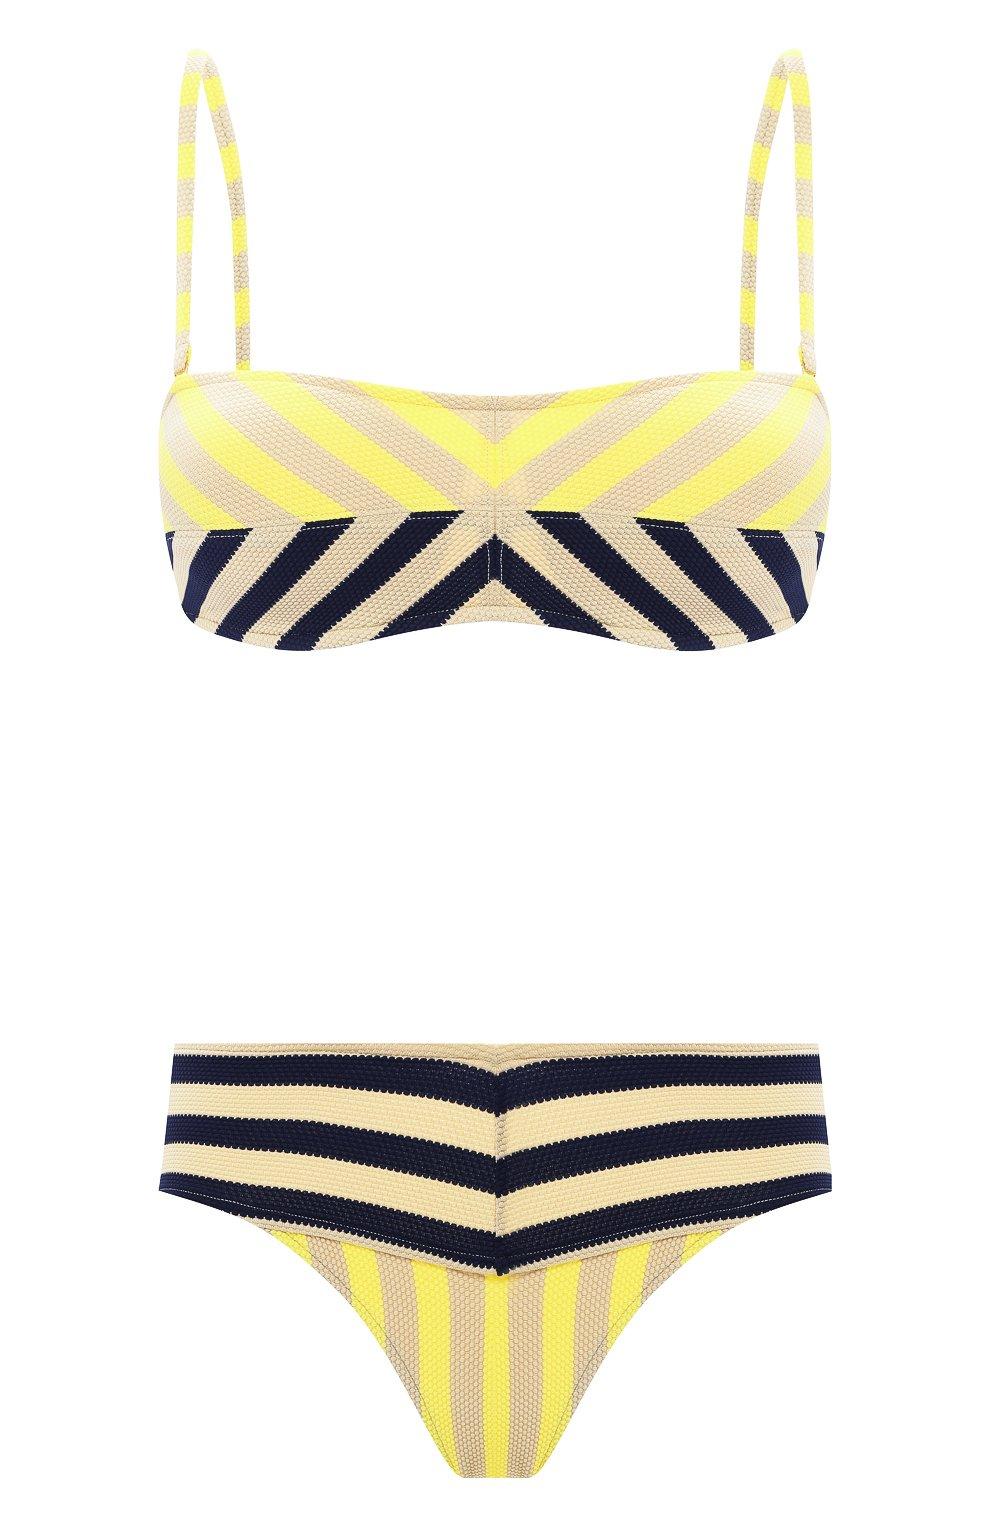 Женский раздельный купальник ANDRES SARDA желтого цвета, арт. 3408618-3408650 | Фото 1 (Материал внешний: Синтетический материал)